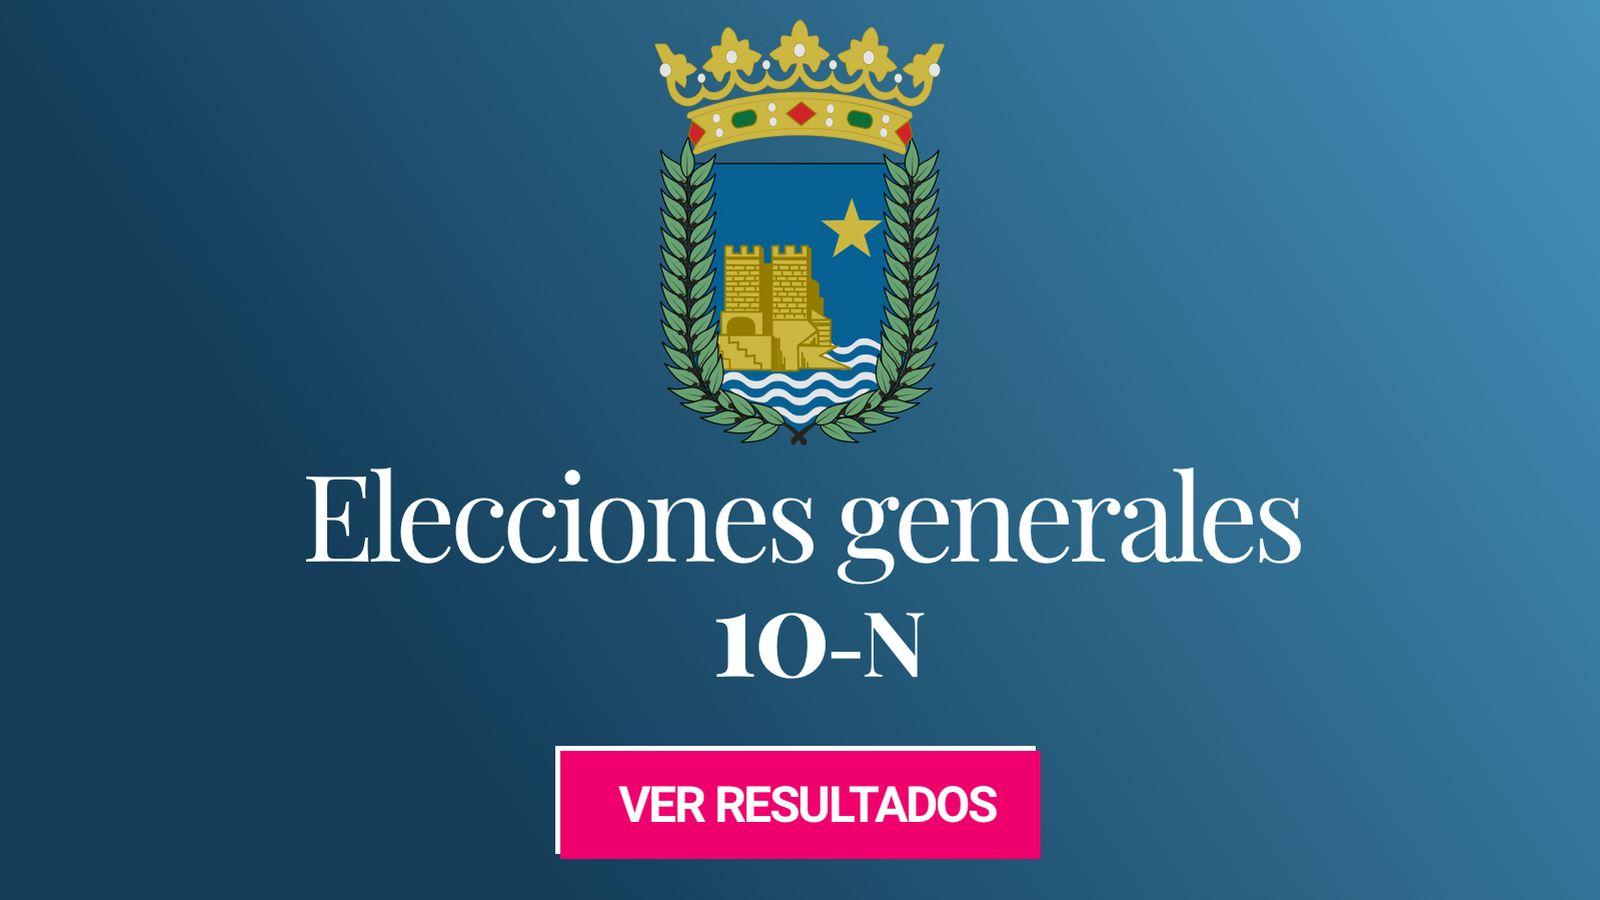 Foto: Elecciones generales 2019 en Fuengirola. (C.C./EC)